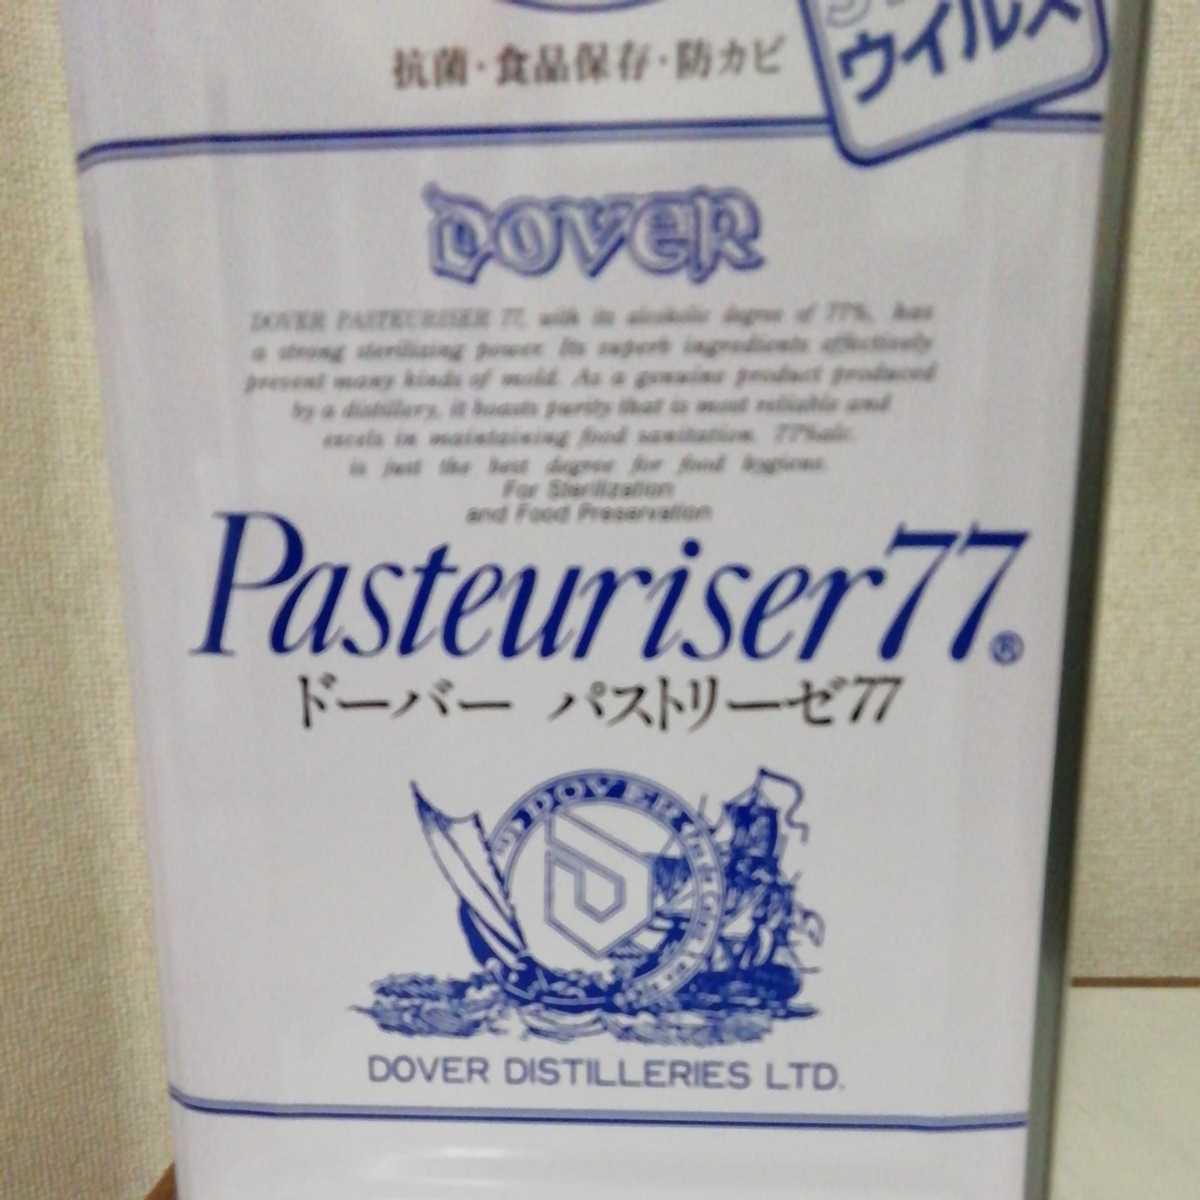 アルコール除菌液ドーバーパストリーゼ77一斗缶(17.2リットル)